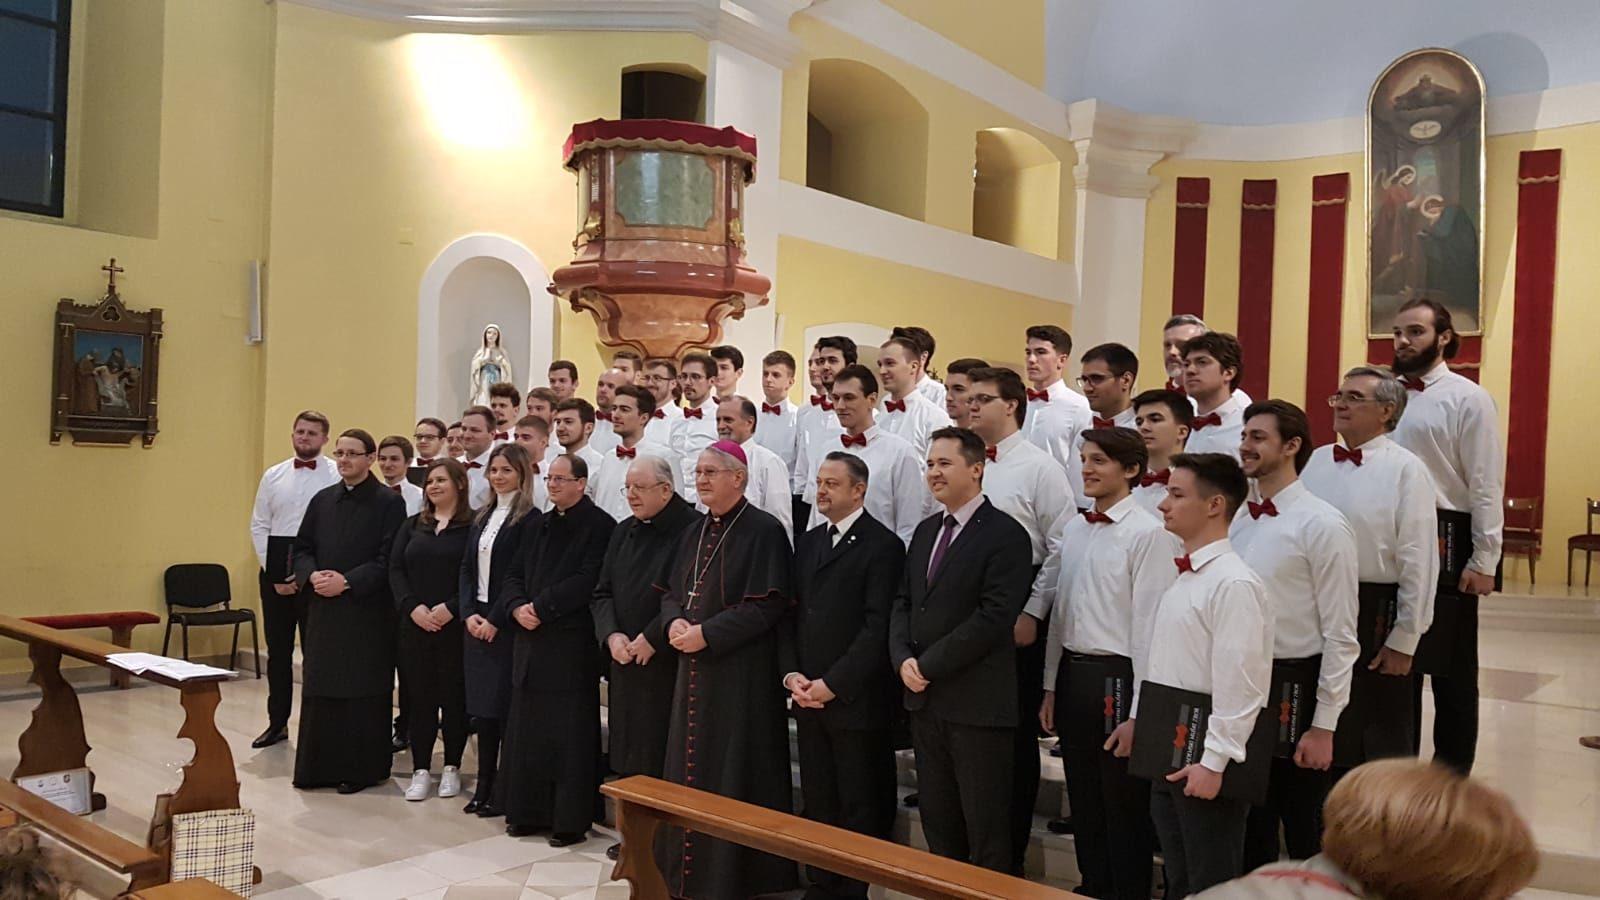 Višestruko nagrađivani muški akademski zbor FER-a održao koncert u prepunoj gospićkoj katedrali